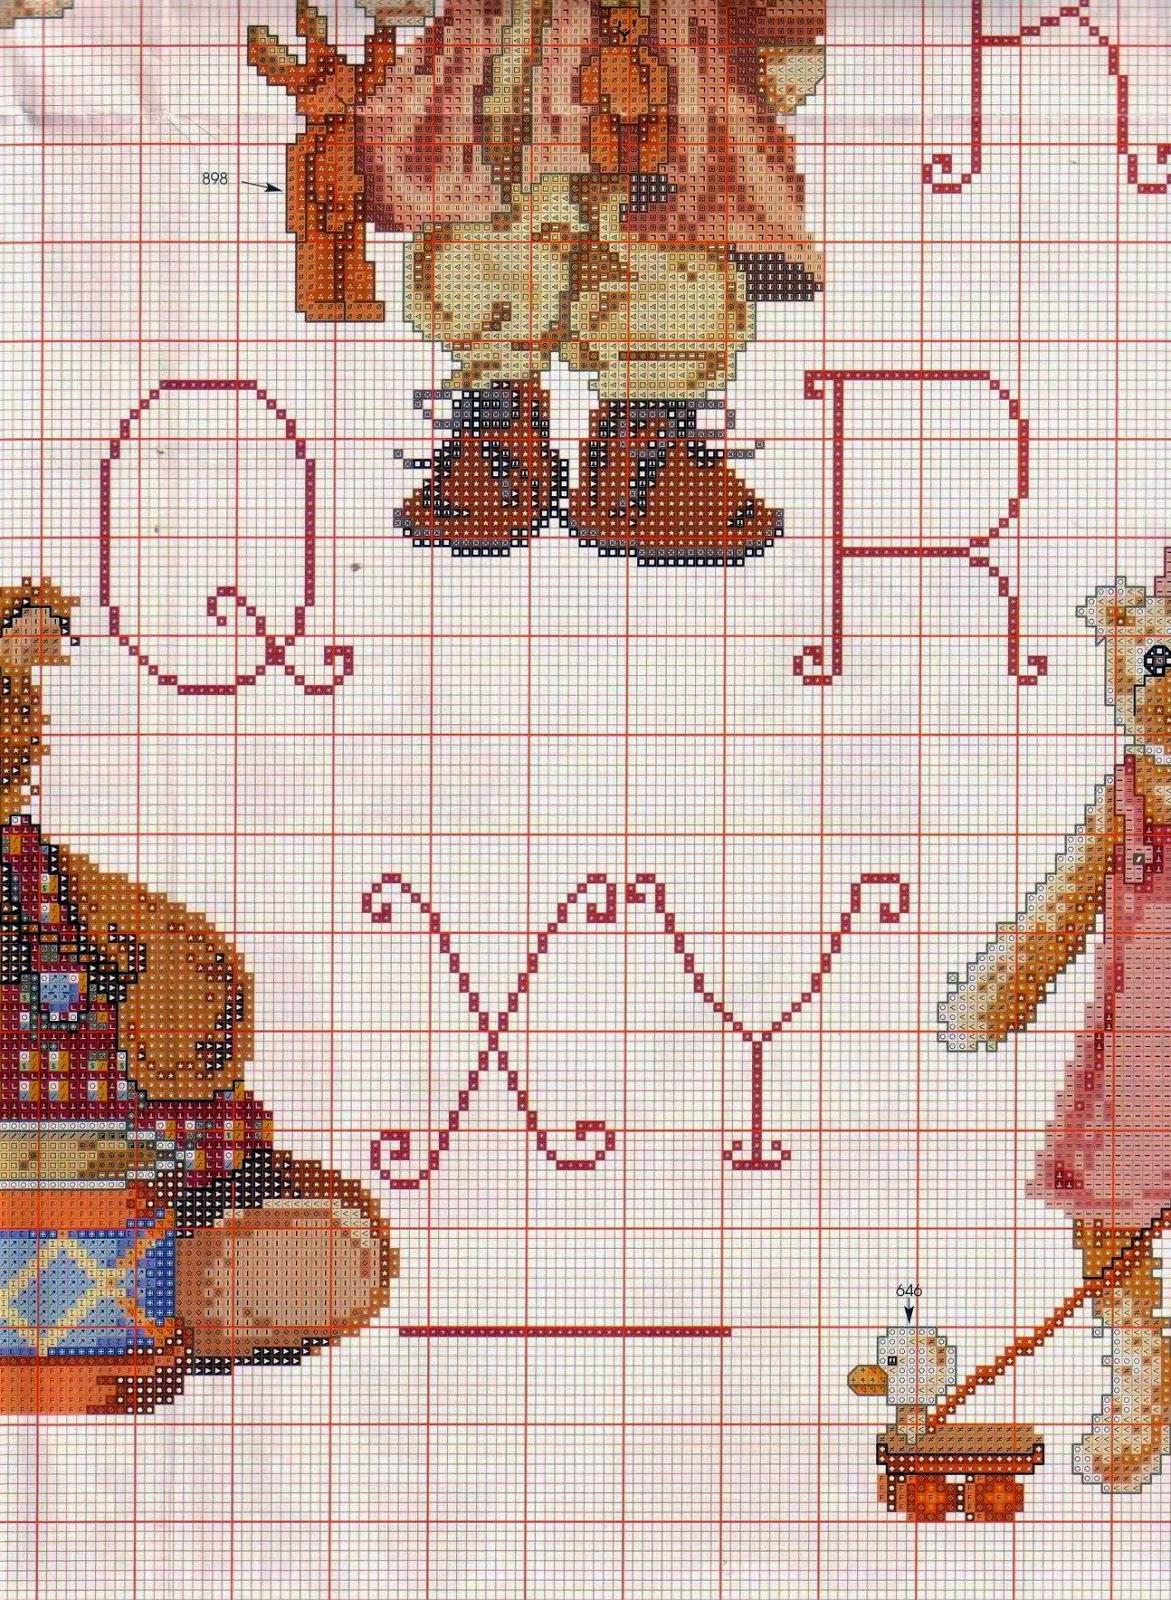 схема вышивок крестом мишек тедди